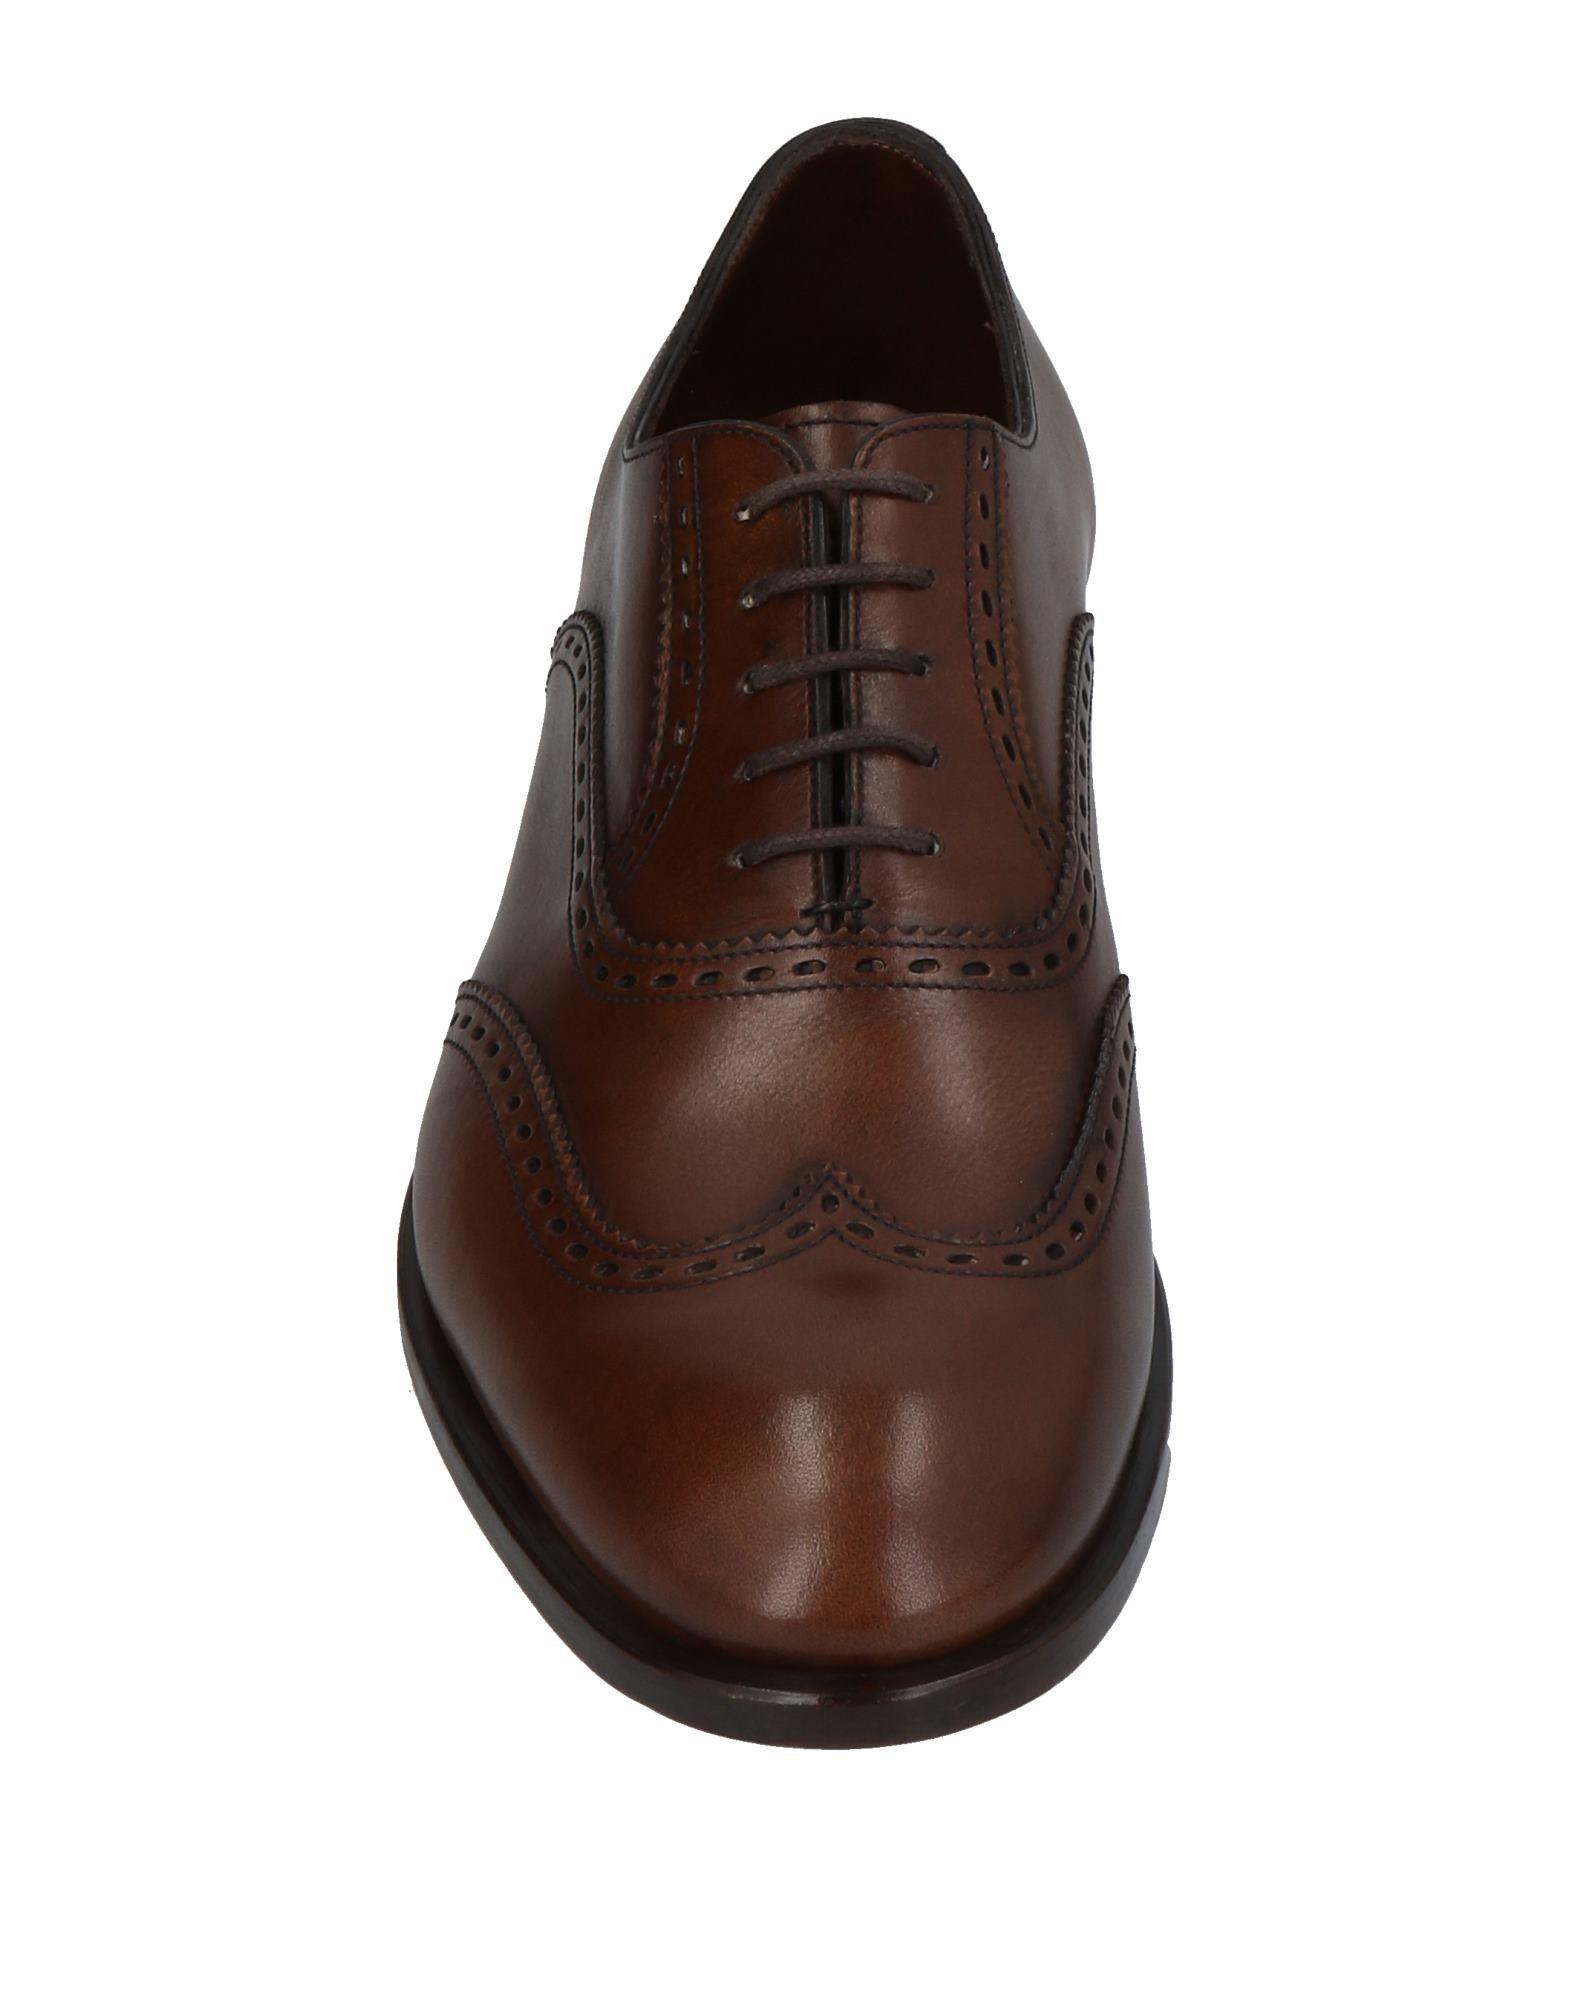 Fratelli Rossetti Schnürschuhe Herren  11440595IK Gute Qualität beliebte Schuhe